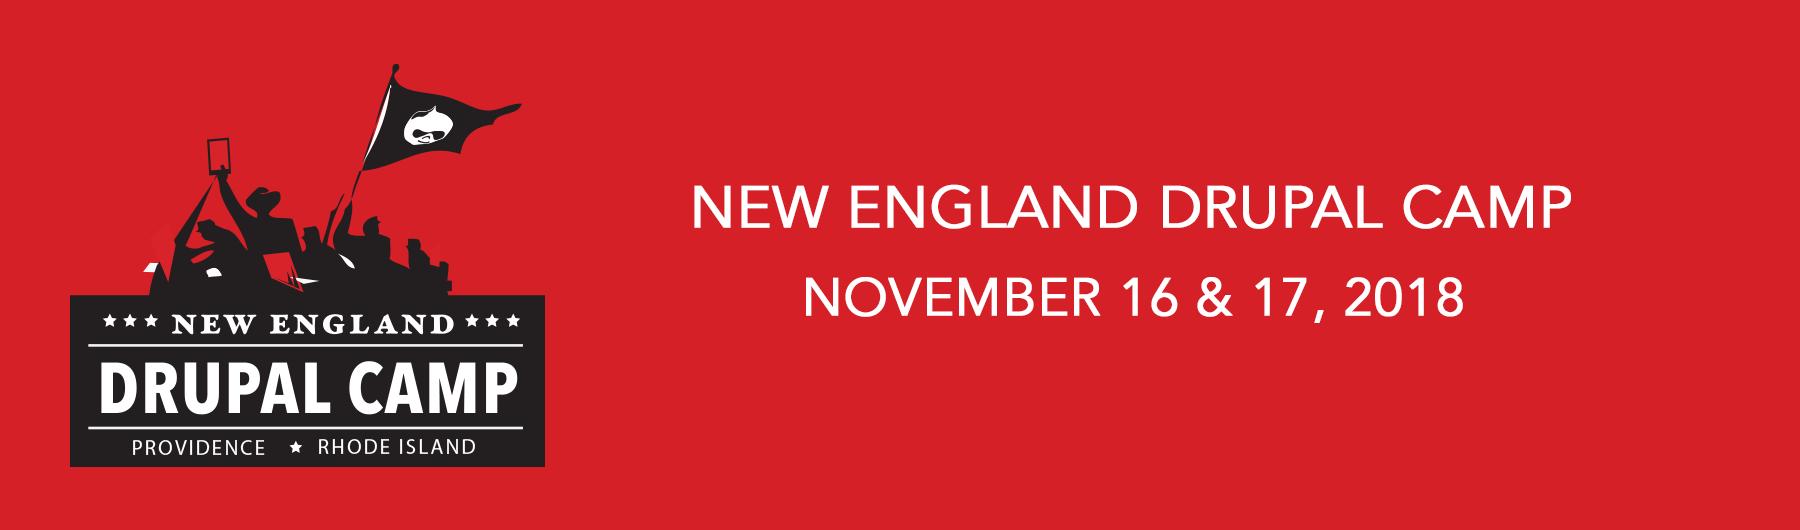 New England Drupal Camp Sponsorships